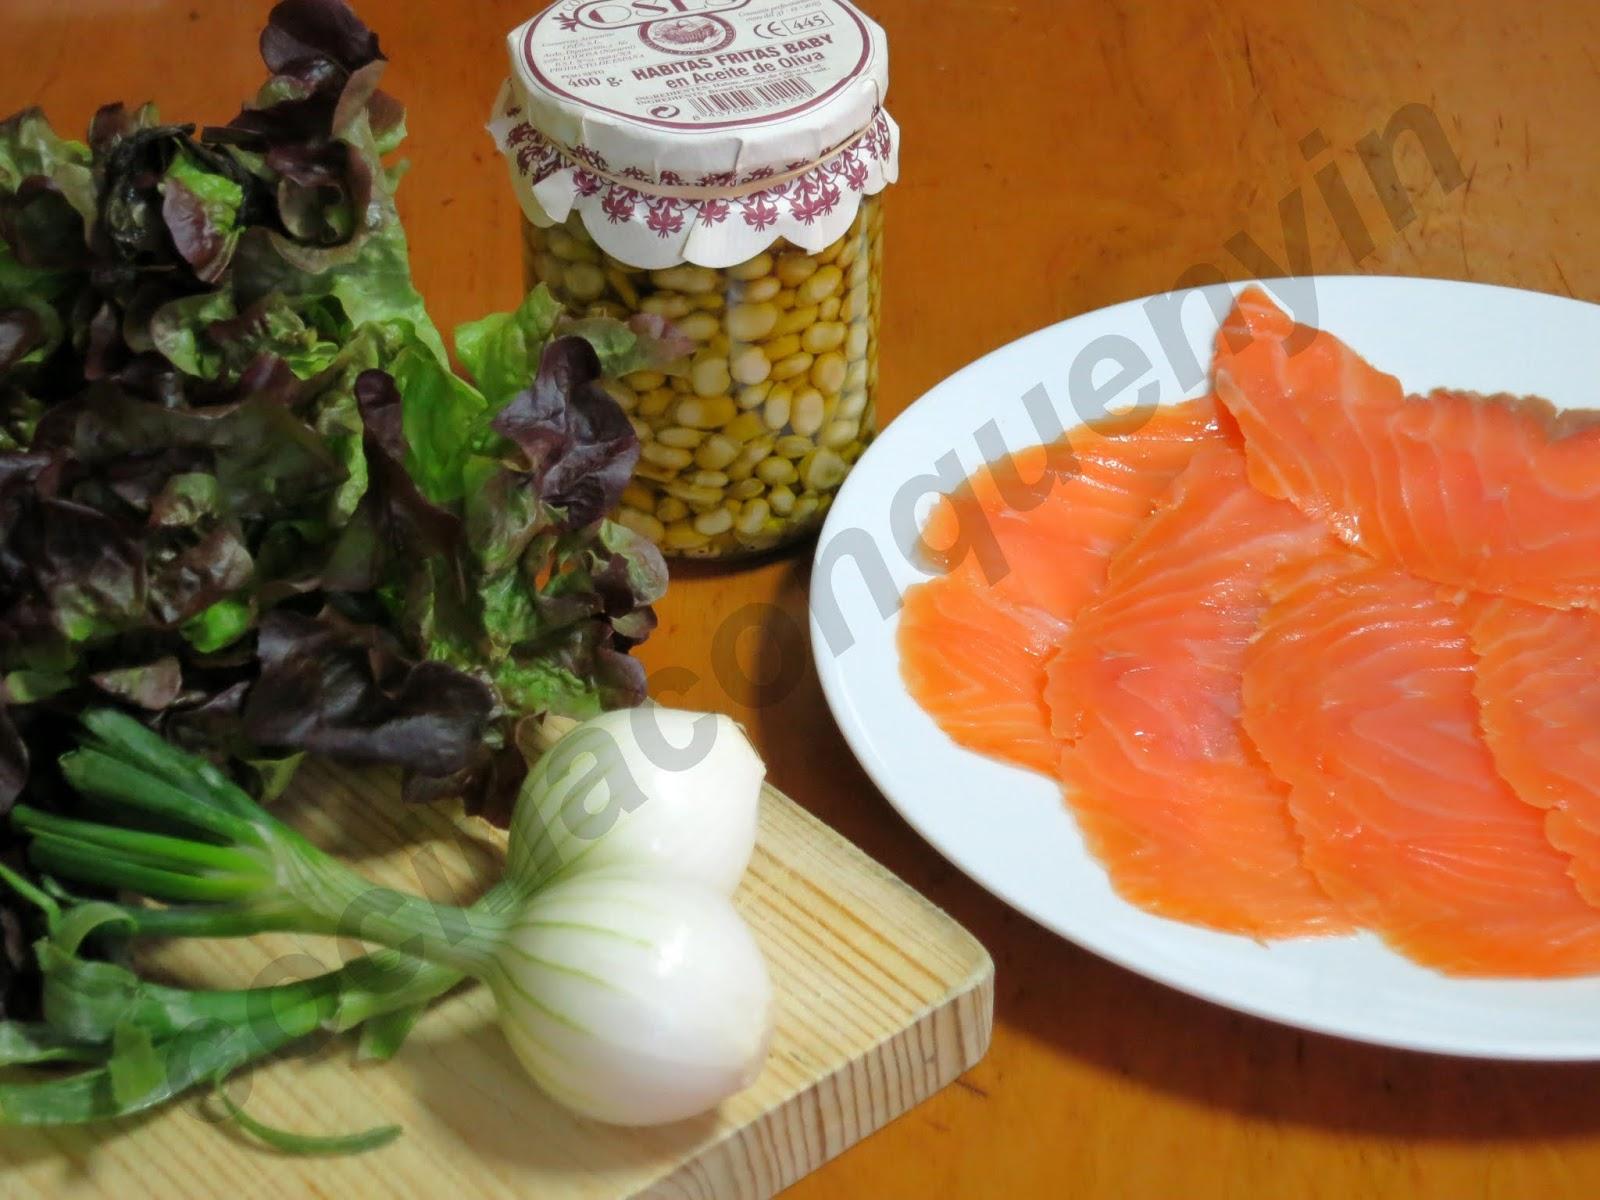 Cocina con quenyin ensalada de habitas con salm n ahumado - Ensalada de habitas ...